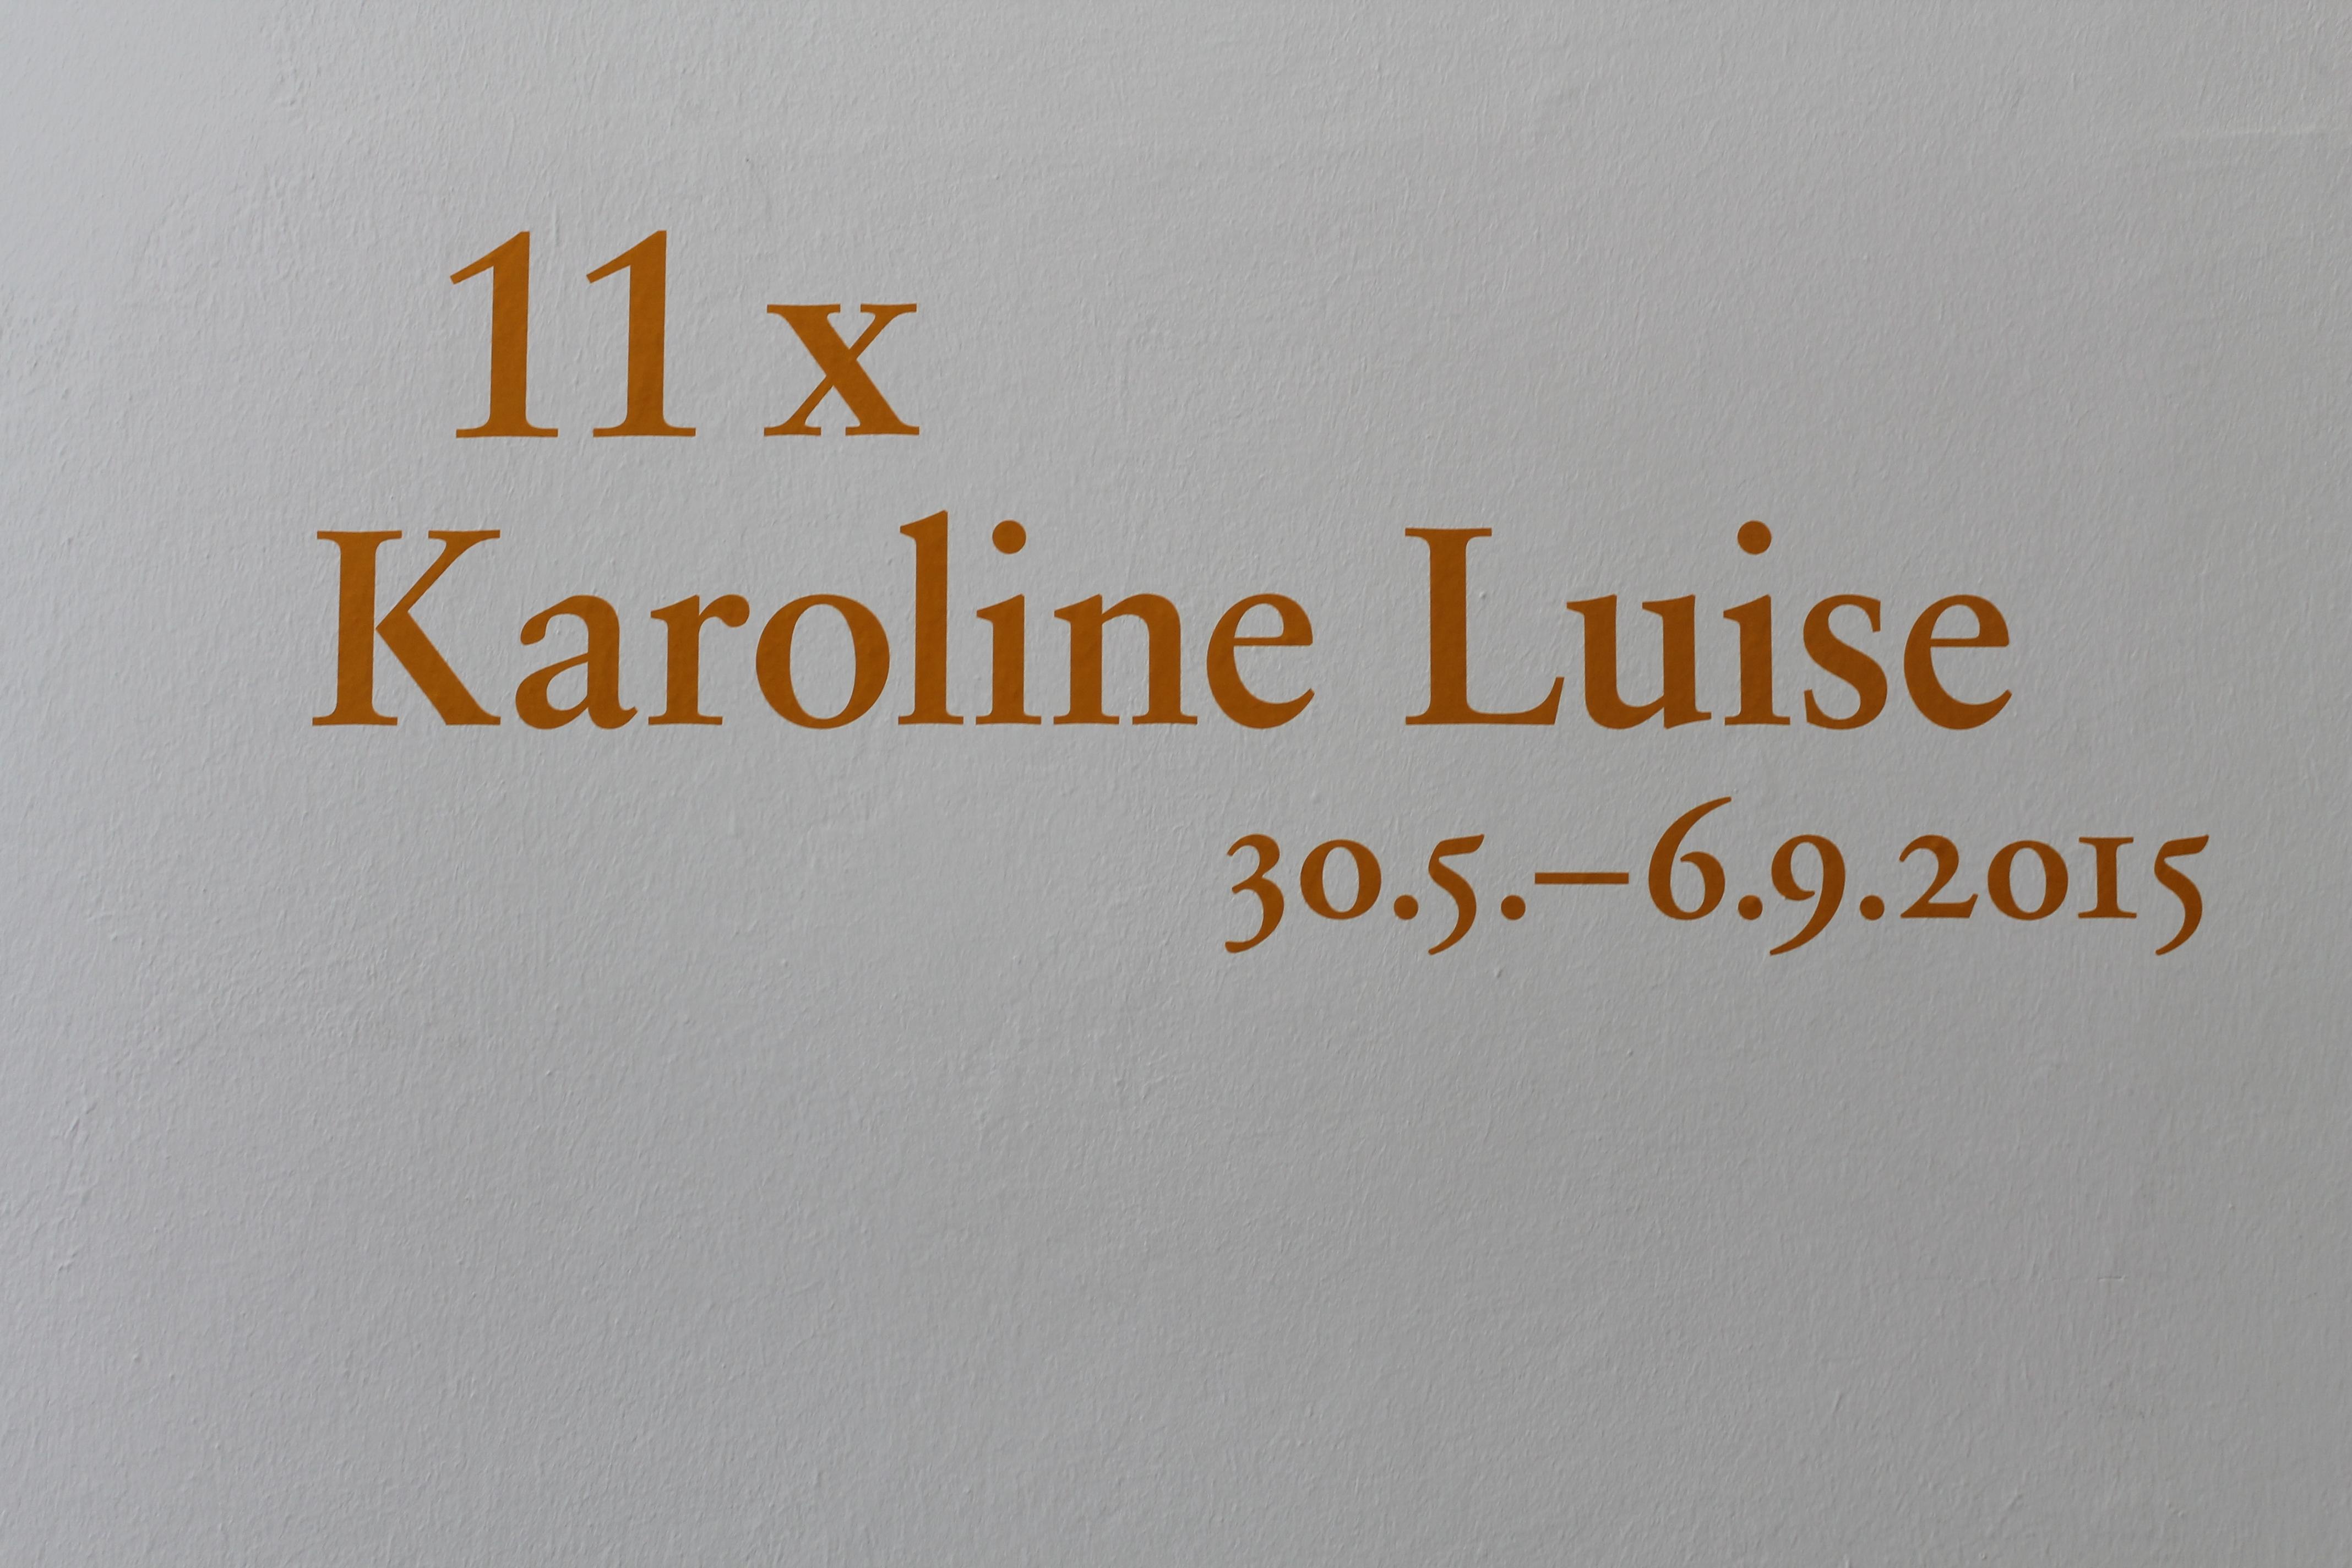 11malKarolineLuise